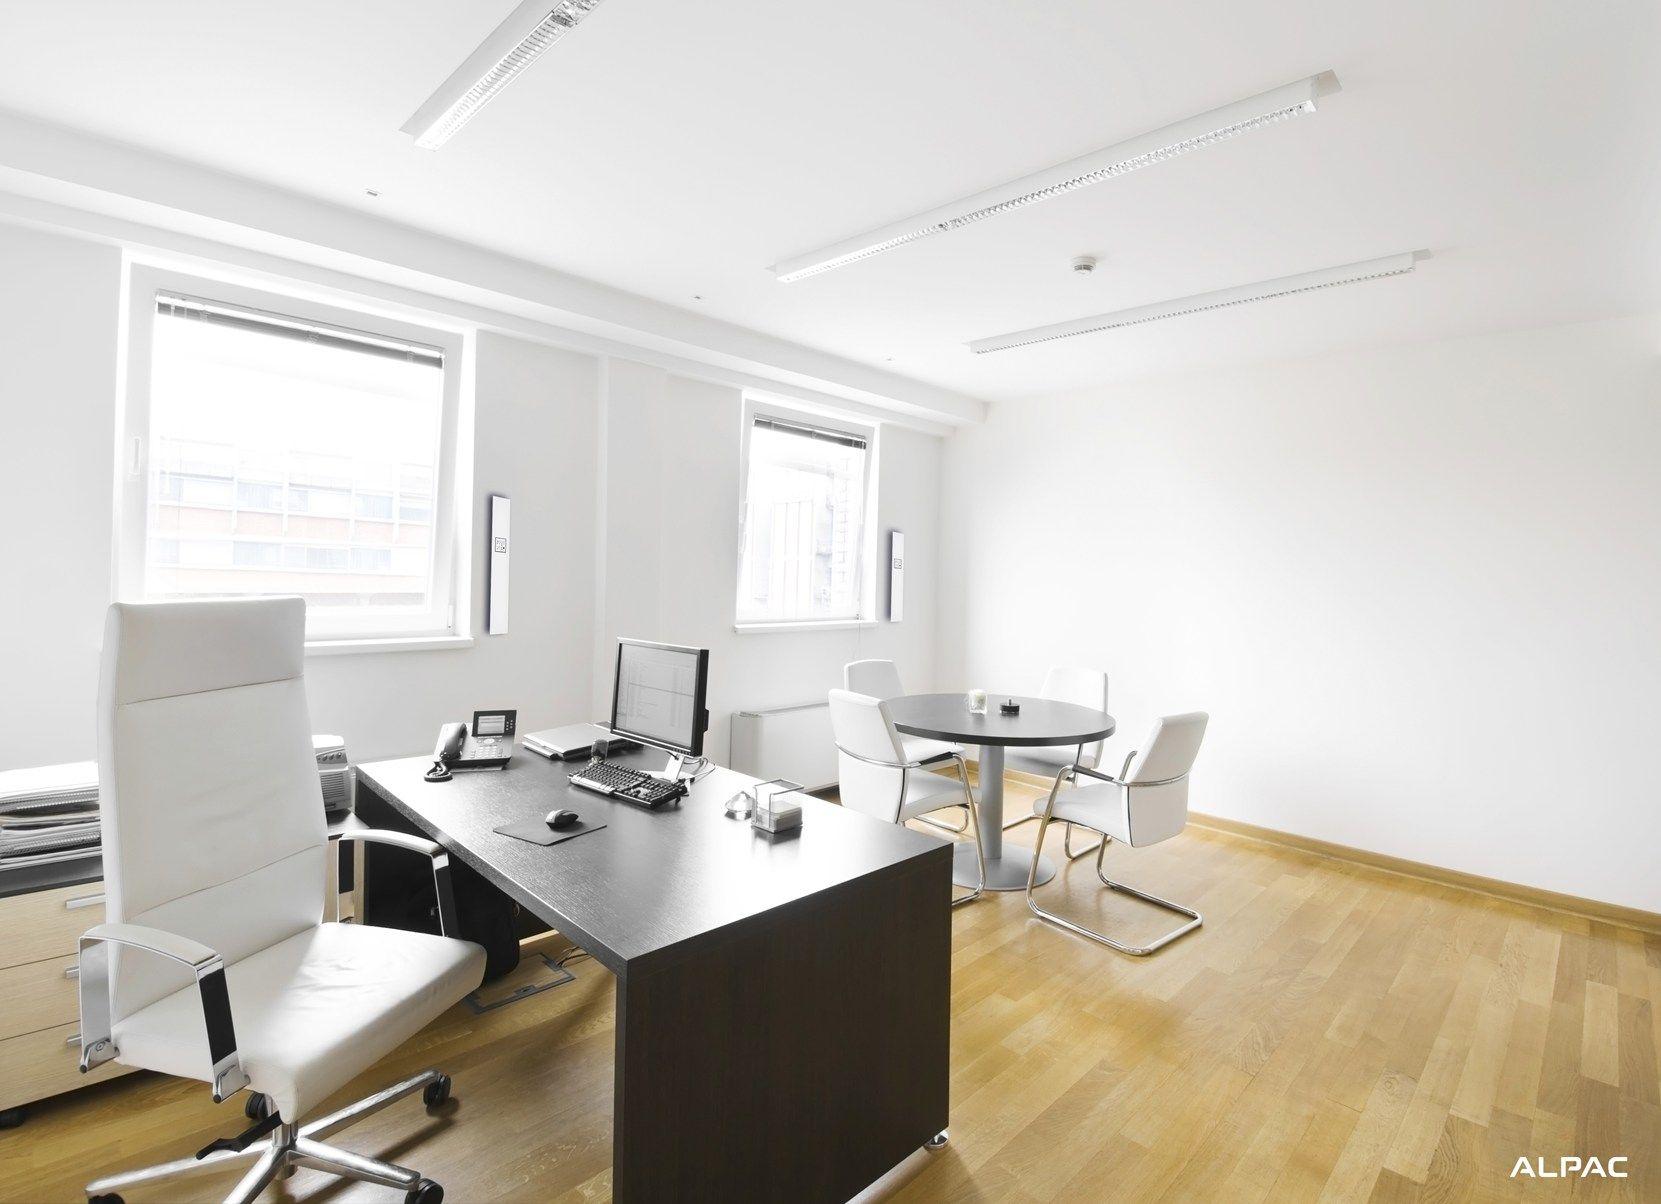 Ingenius VMC di Alpac, aria pulita per elevate performance nei luoghi di lavoro